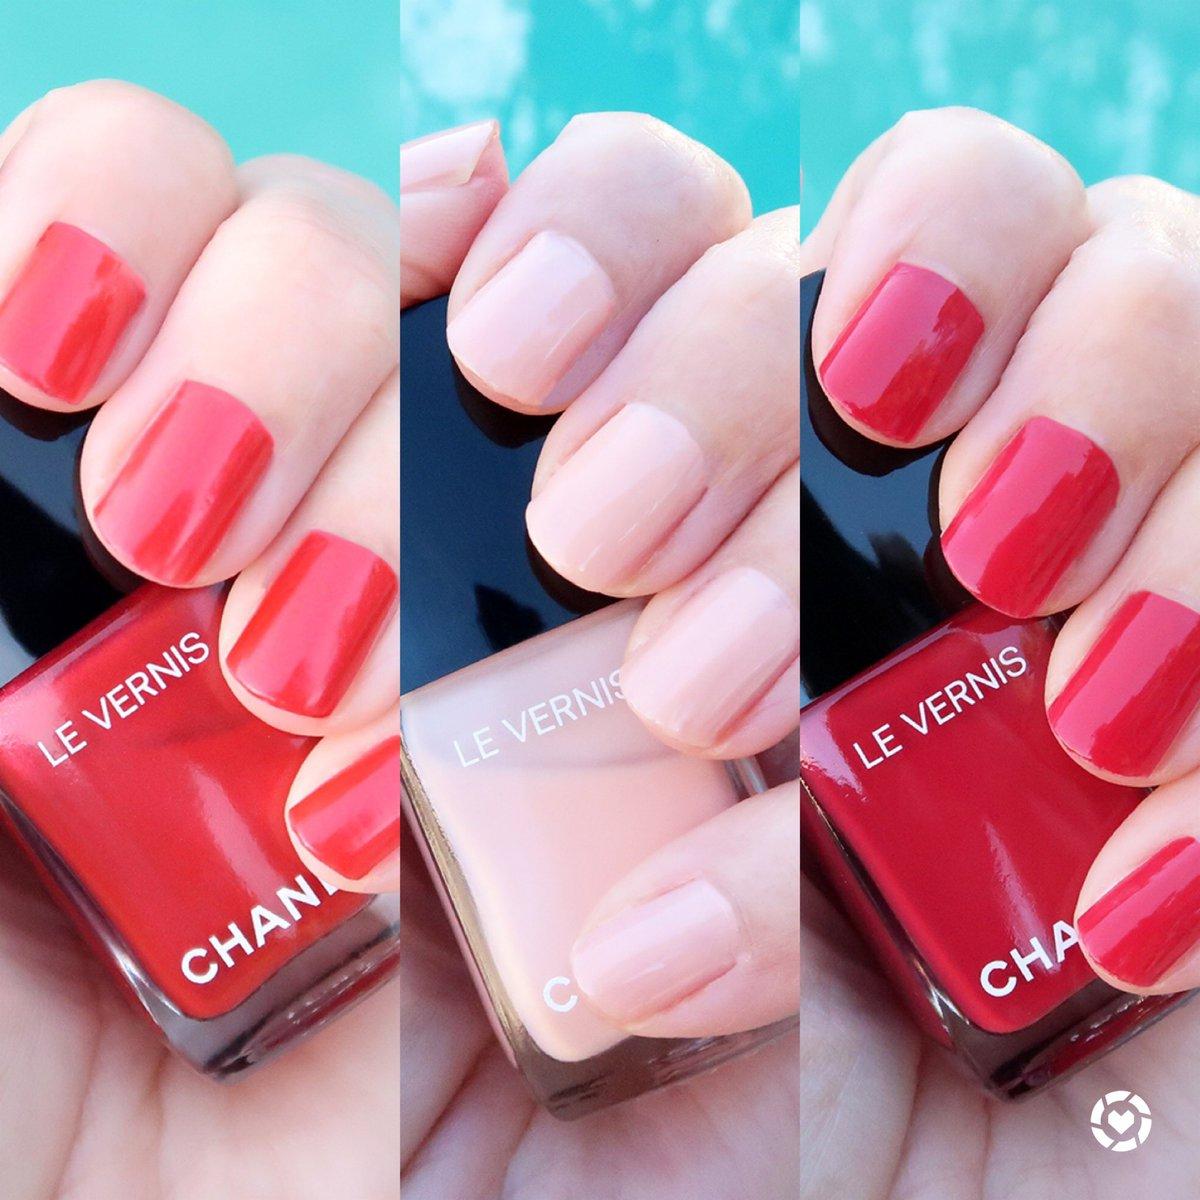 Chanel spring 2021 nail polish on the blog ->  #nailpolish #chanel